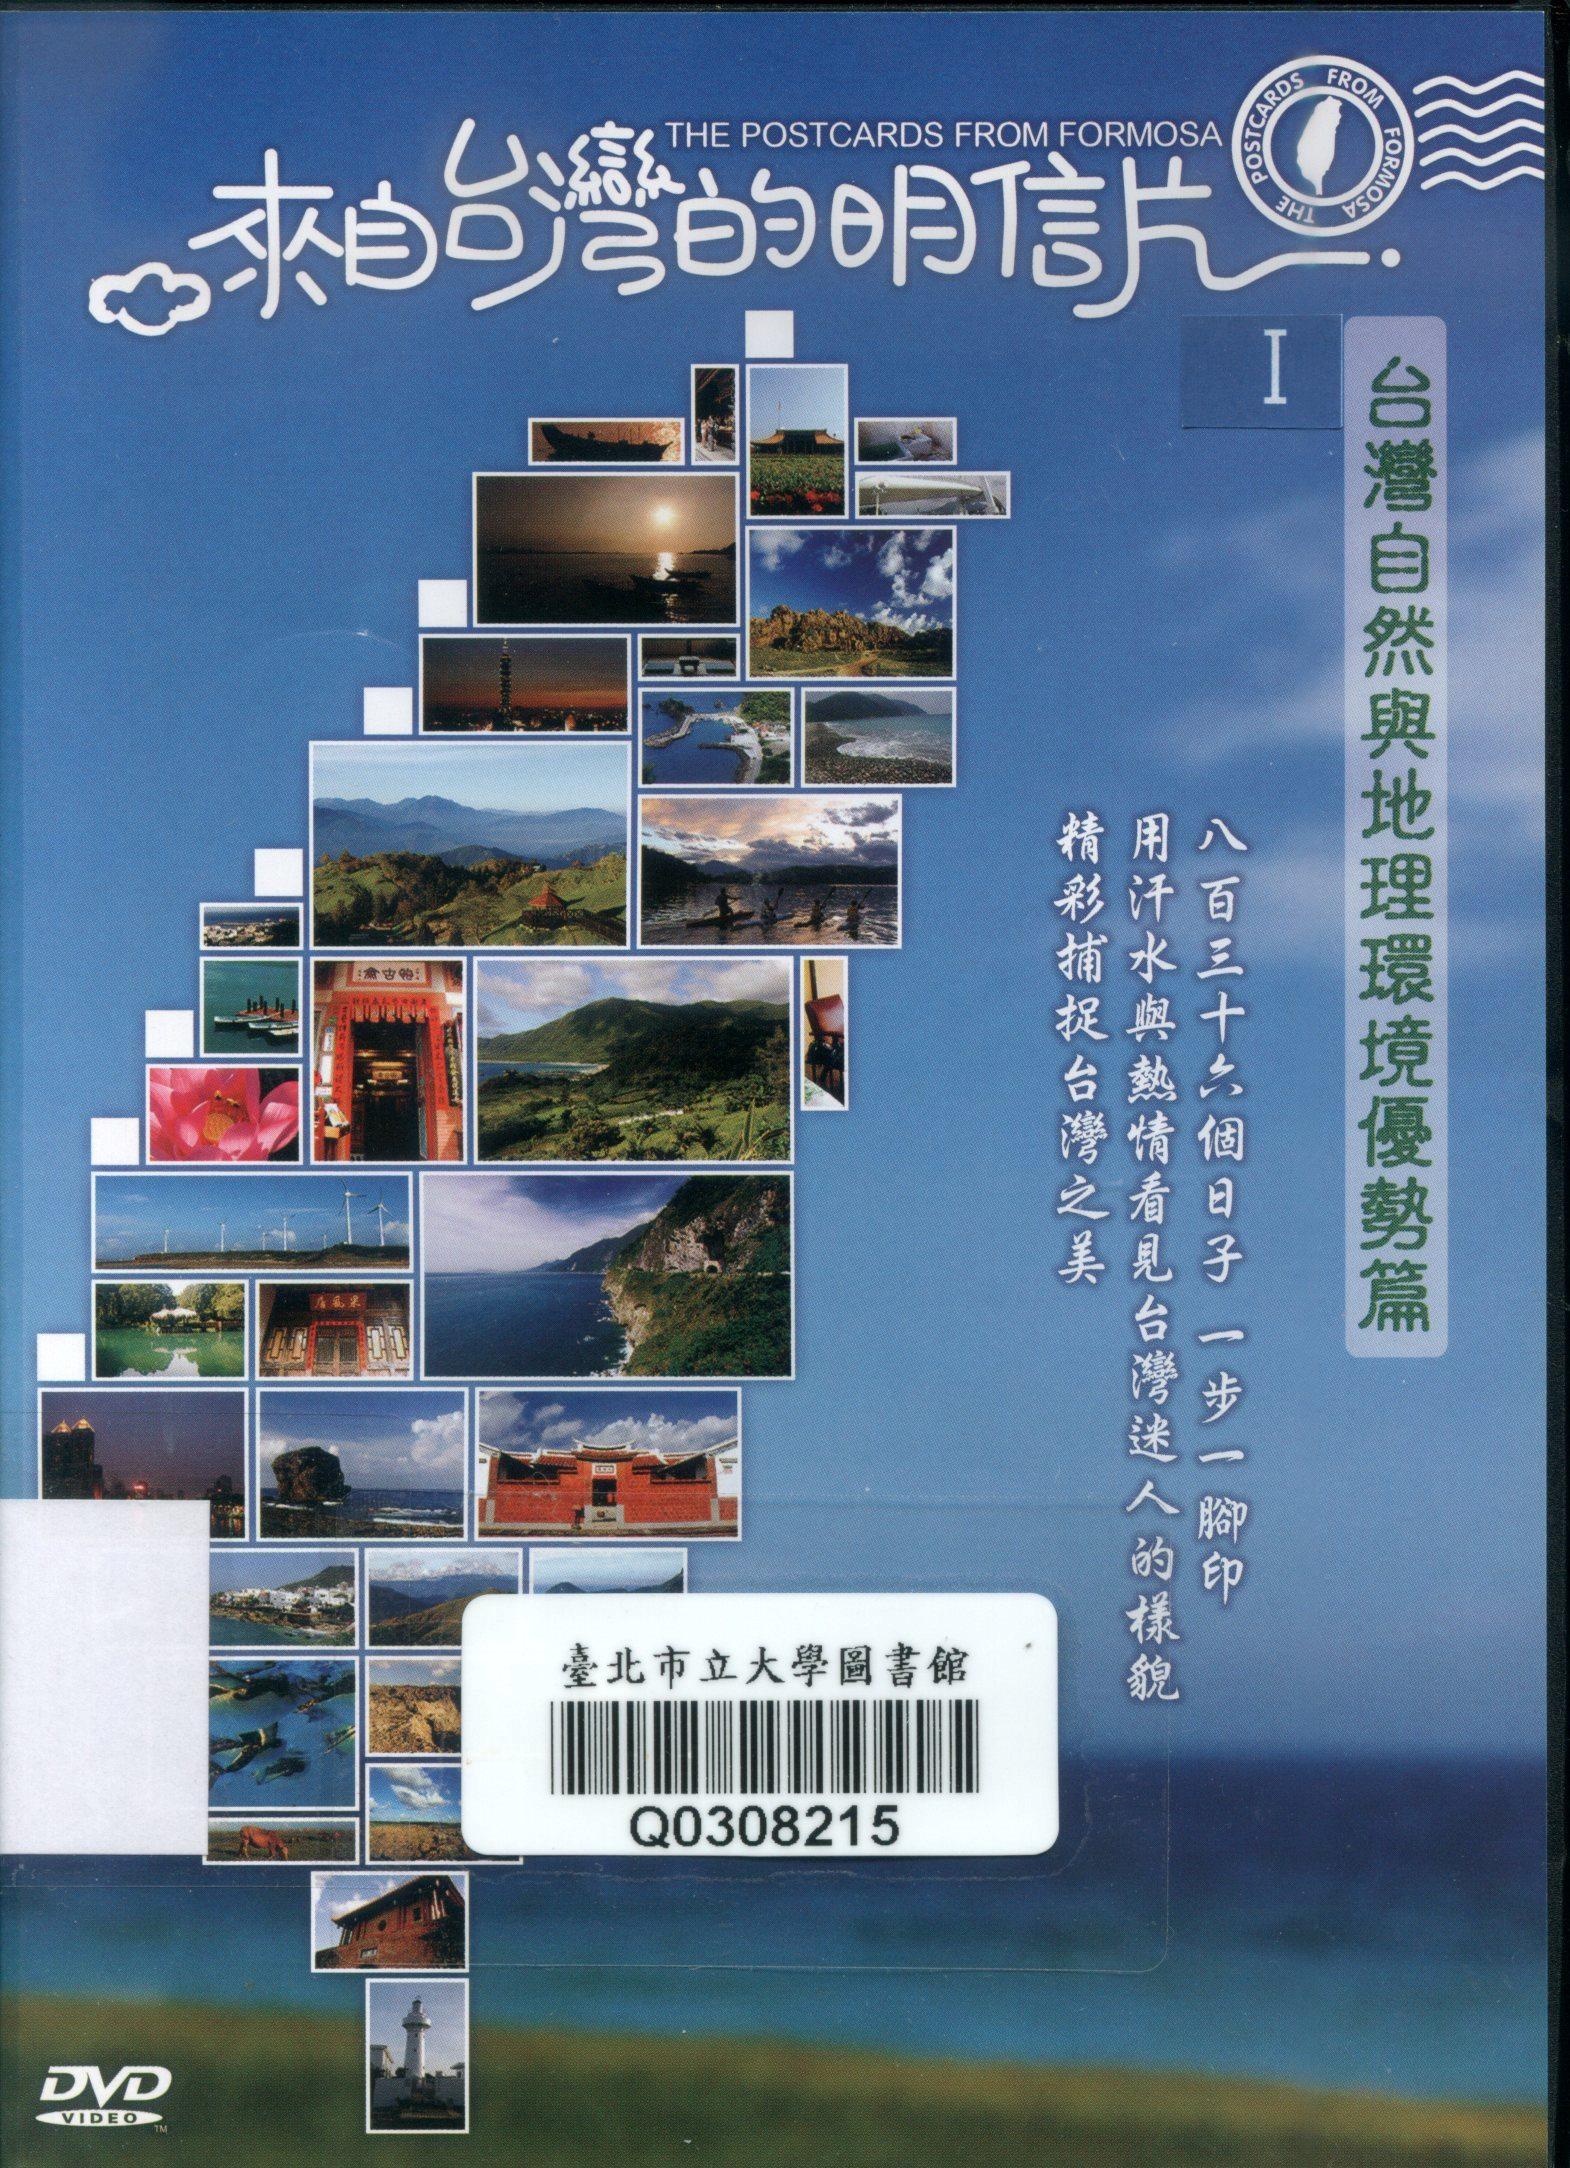 來自台灣的明信片III : 台灣人文軌跡與環境教育篇